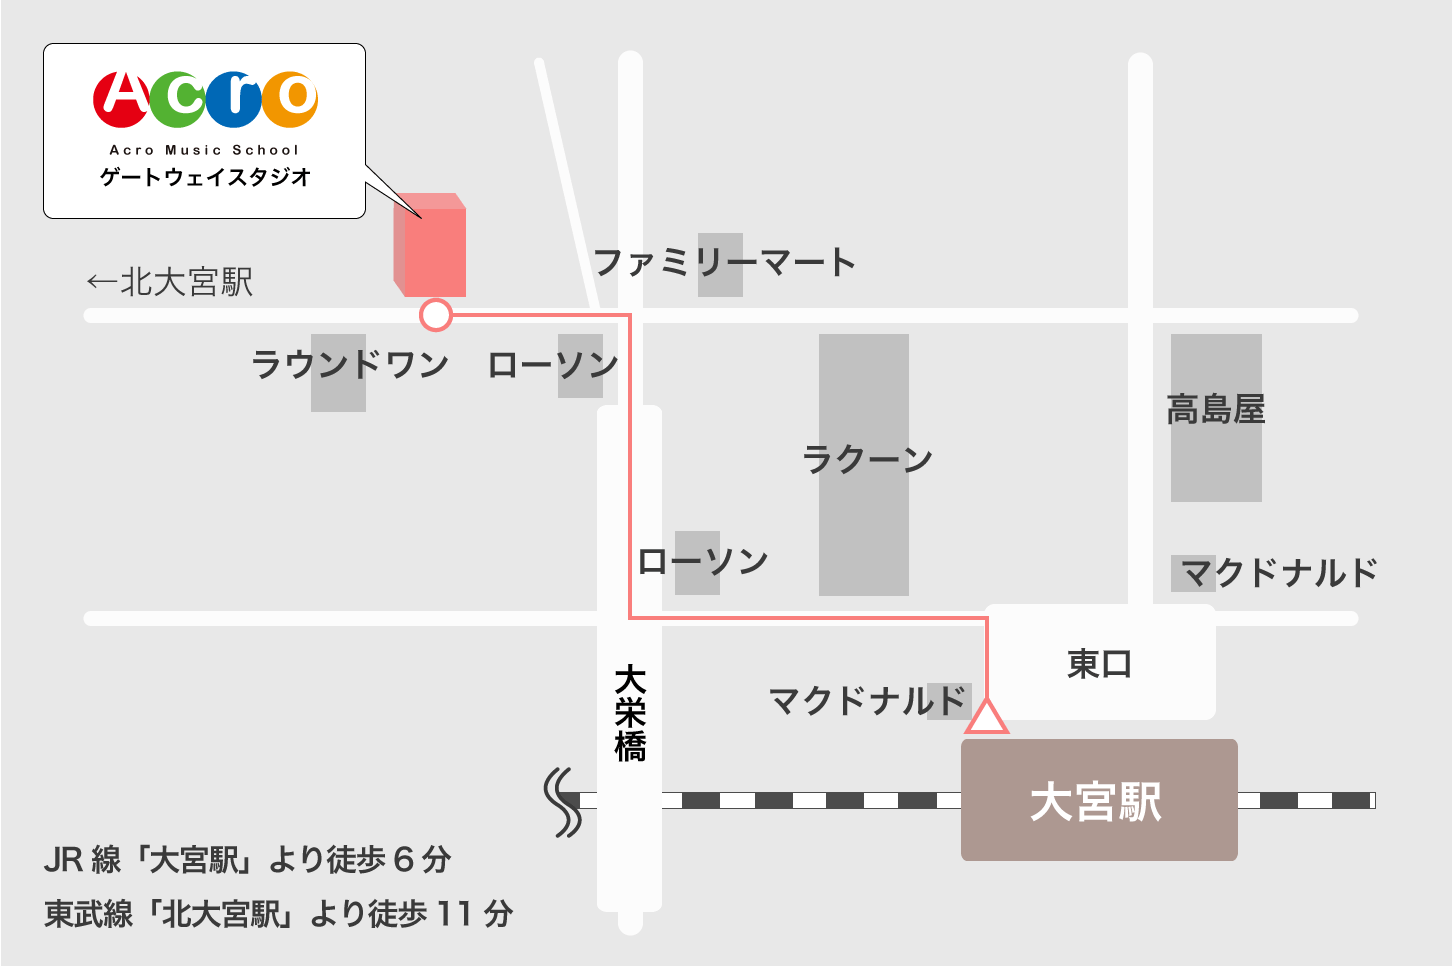 大宮駅からゲートウェイスタジオへの行き方